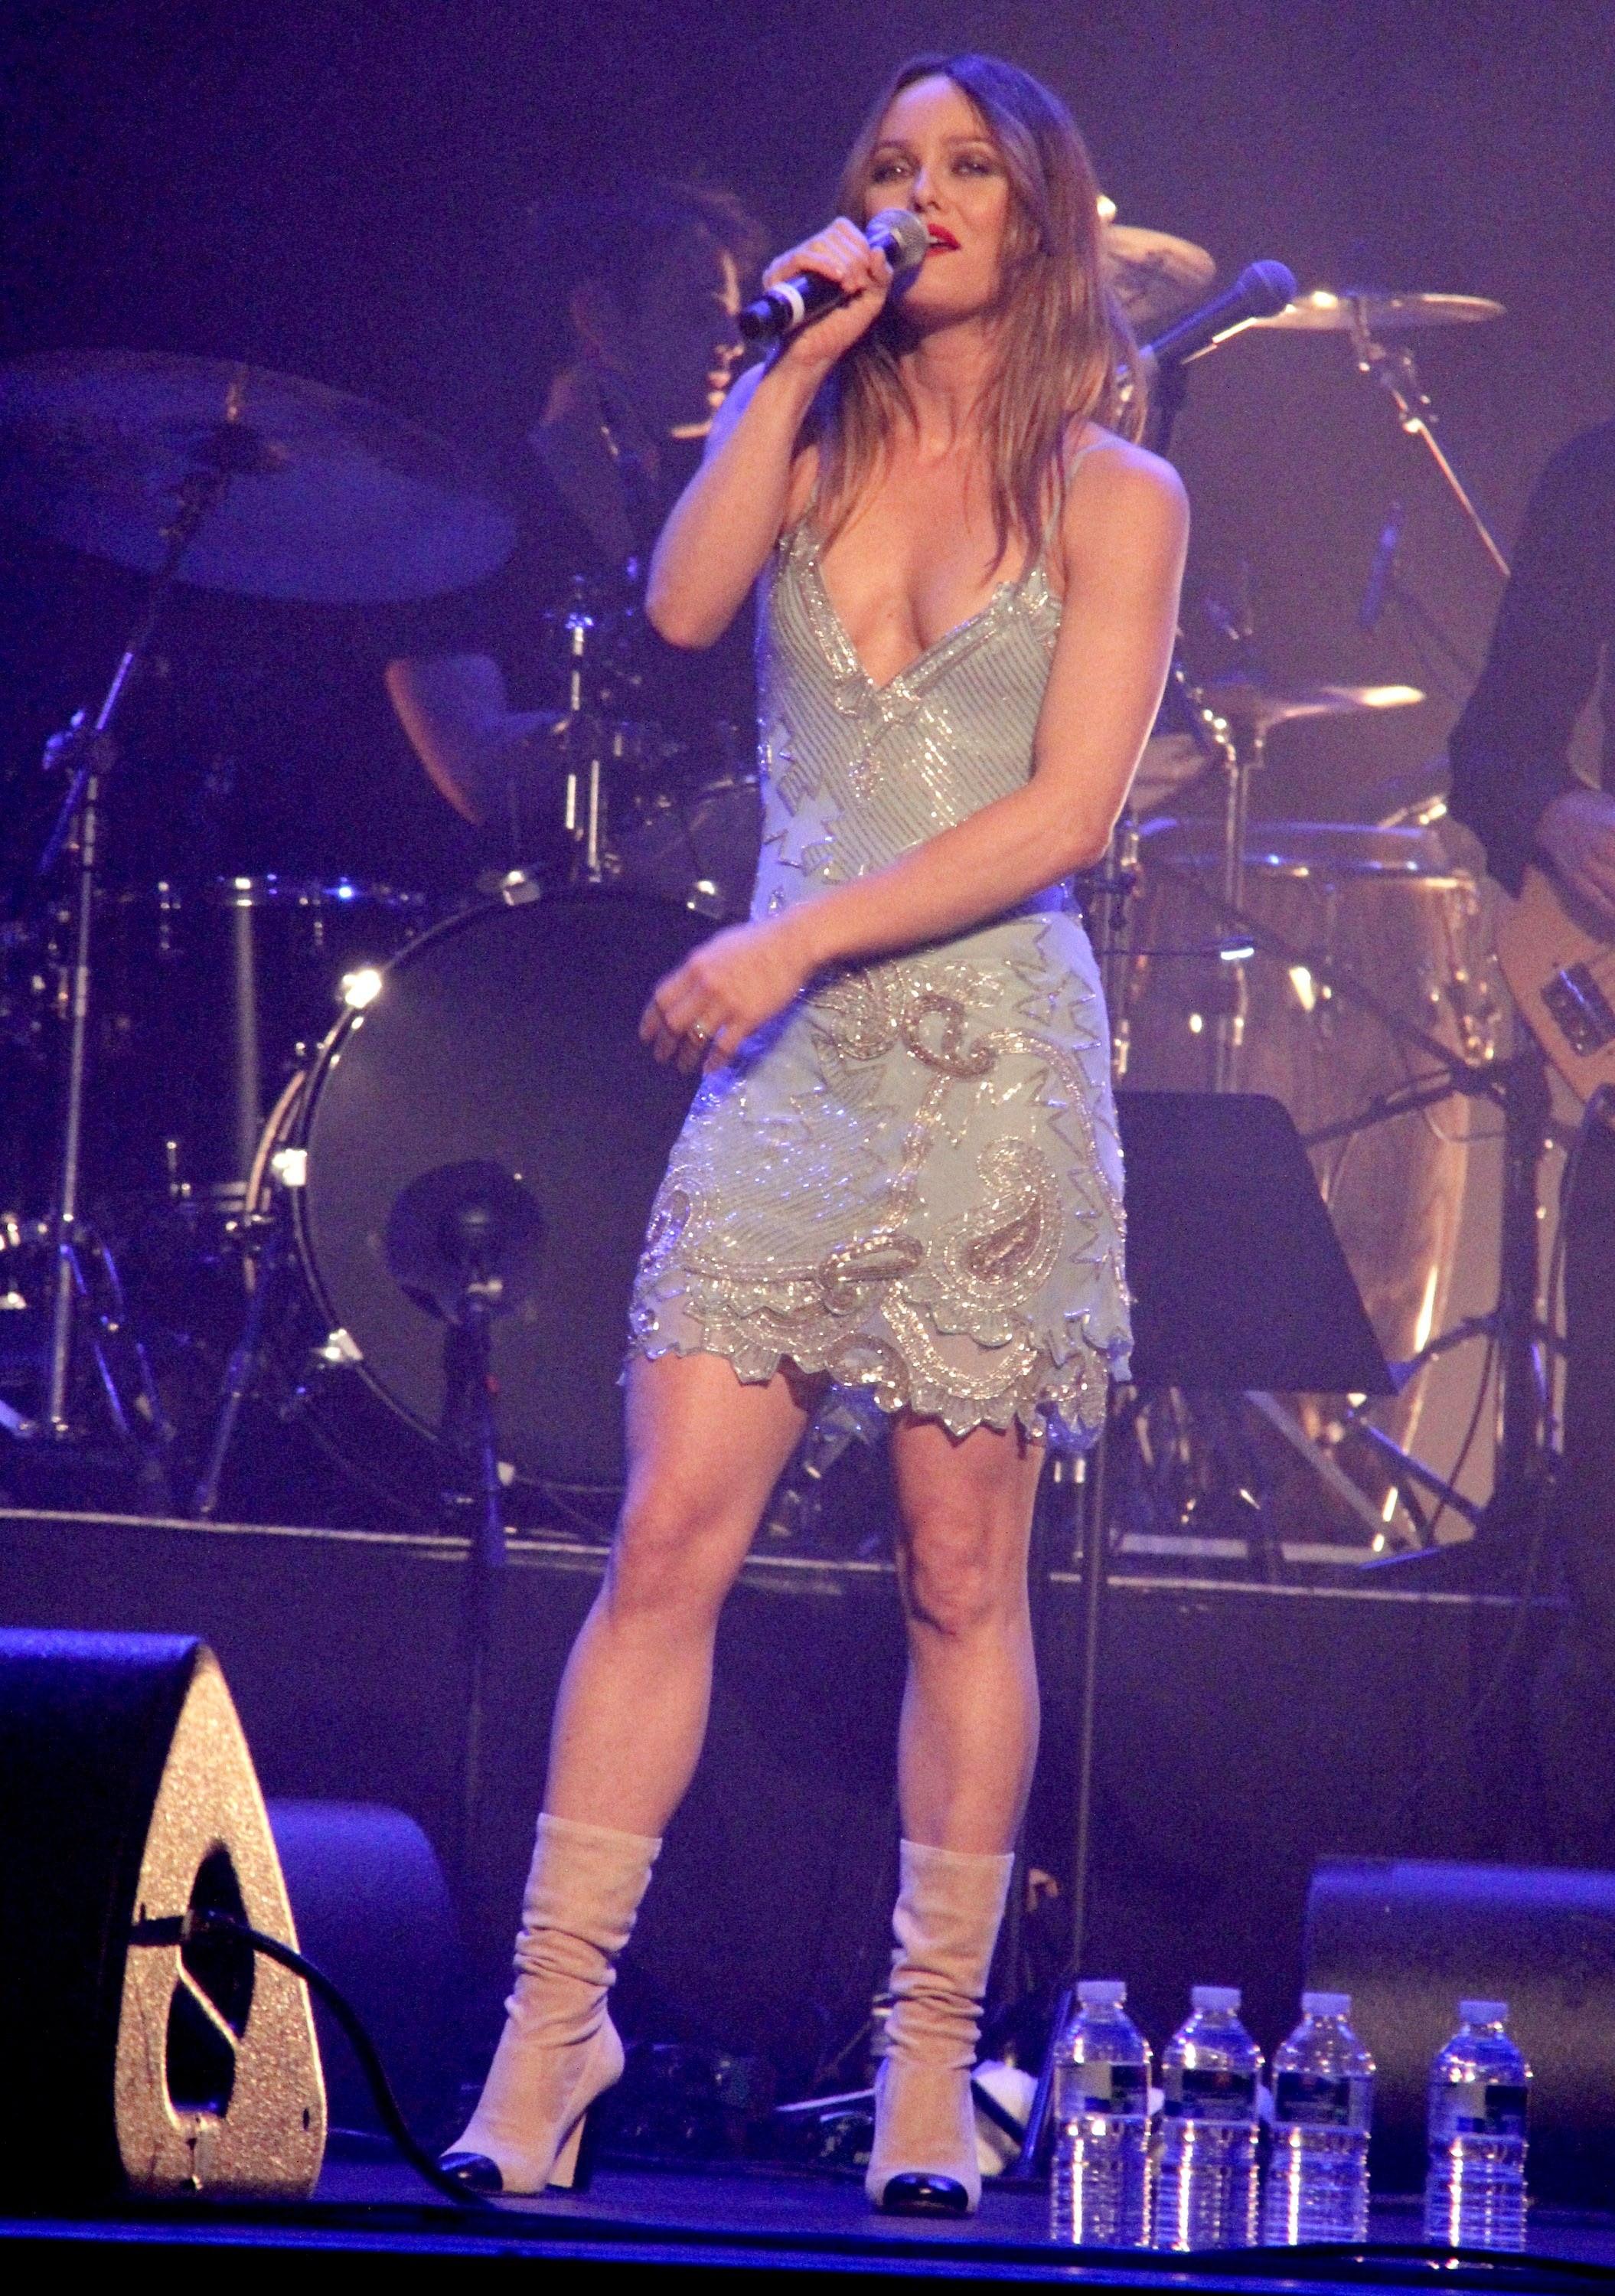 848585375_concert_lulu_gainsbourg_22_122_90lo.jpg